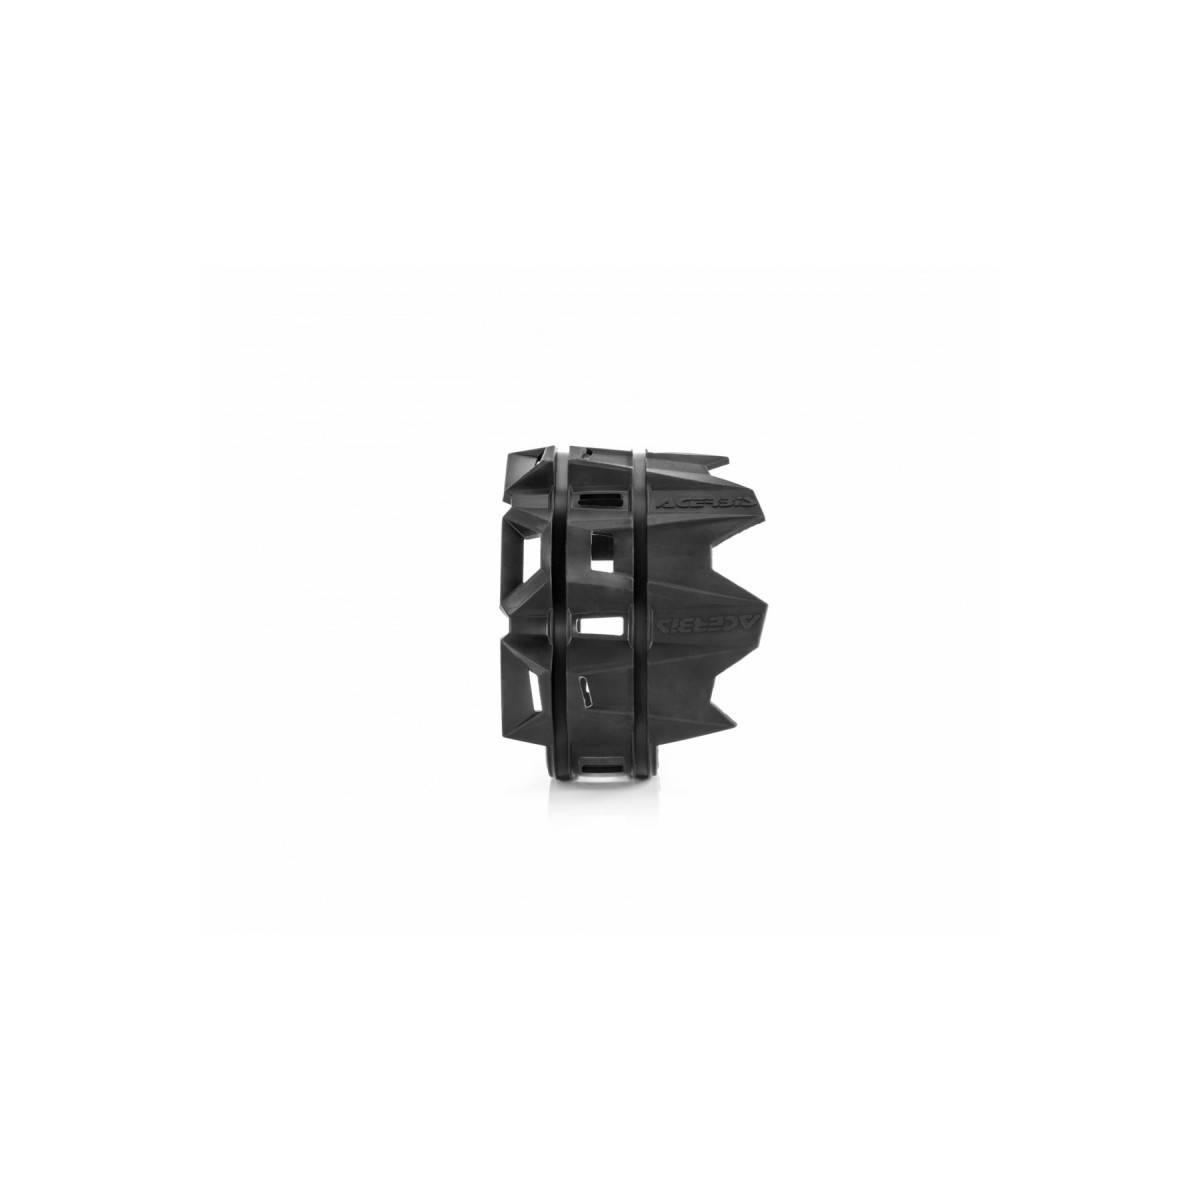 0022754-NE - Protector Sileciador 4 Tiempos Acerbis Negro